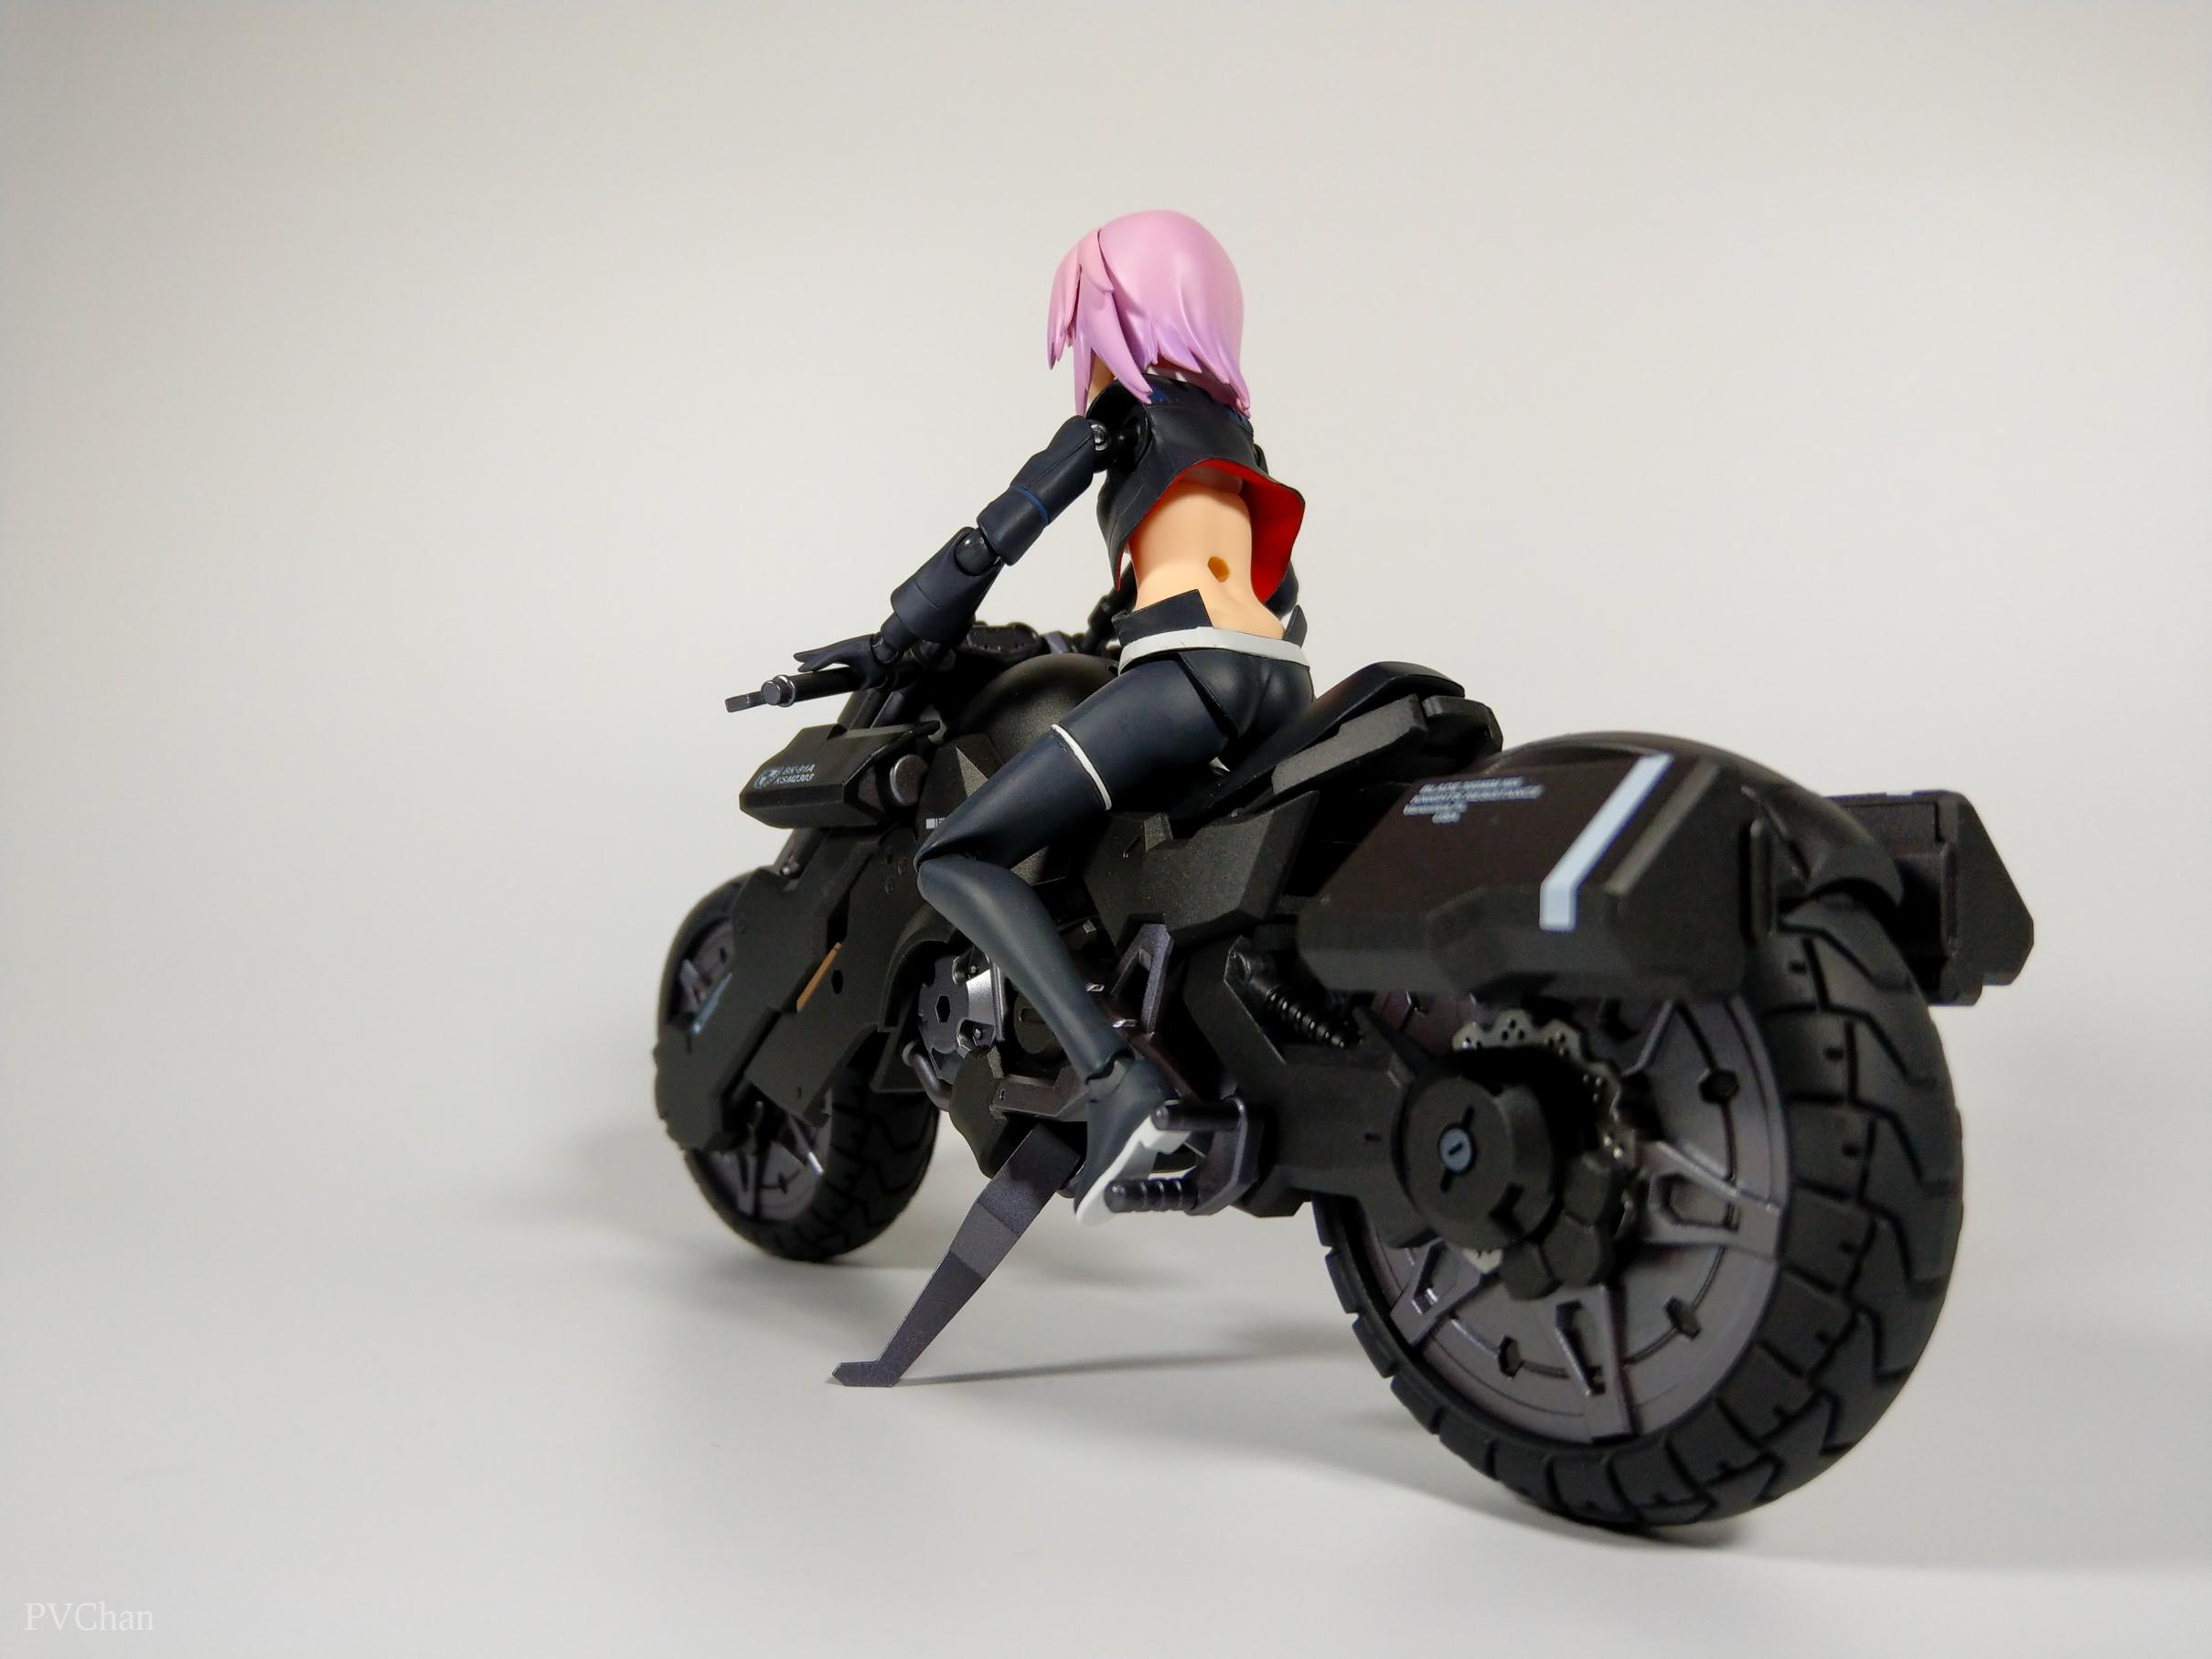 Необычное пополнение коллекции - байк из серии ex:ride от Max Factory. - Изображение 30